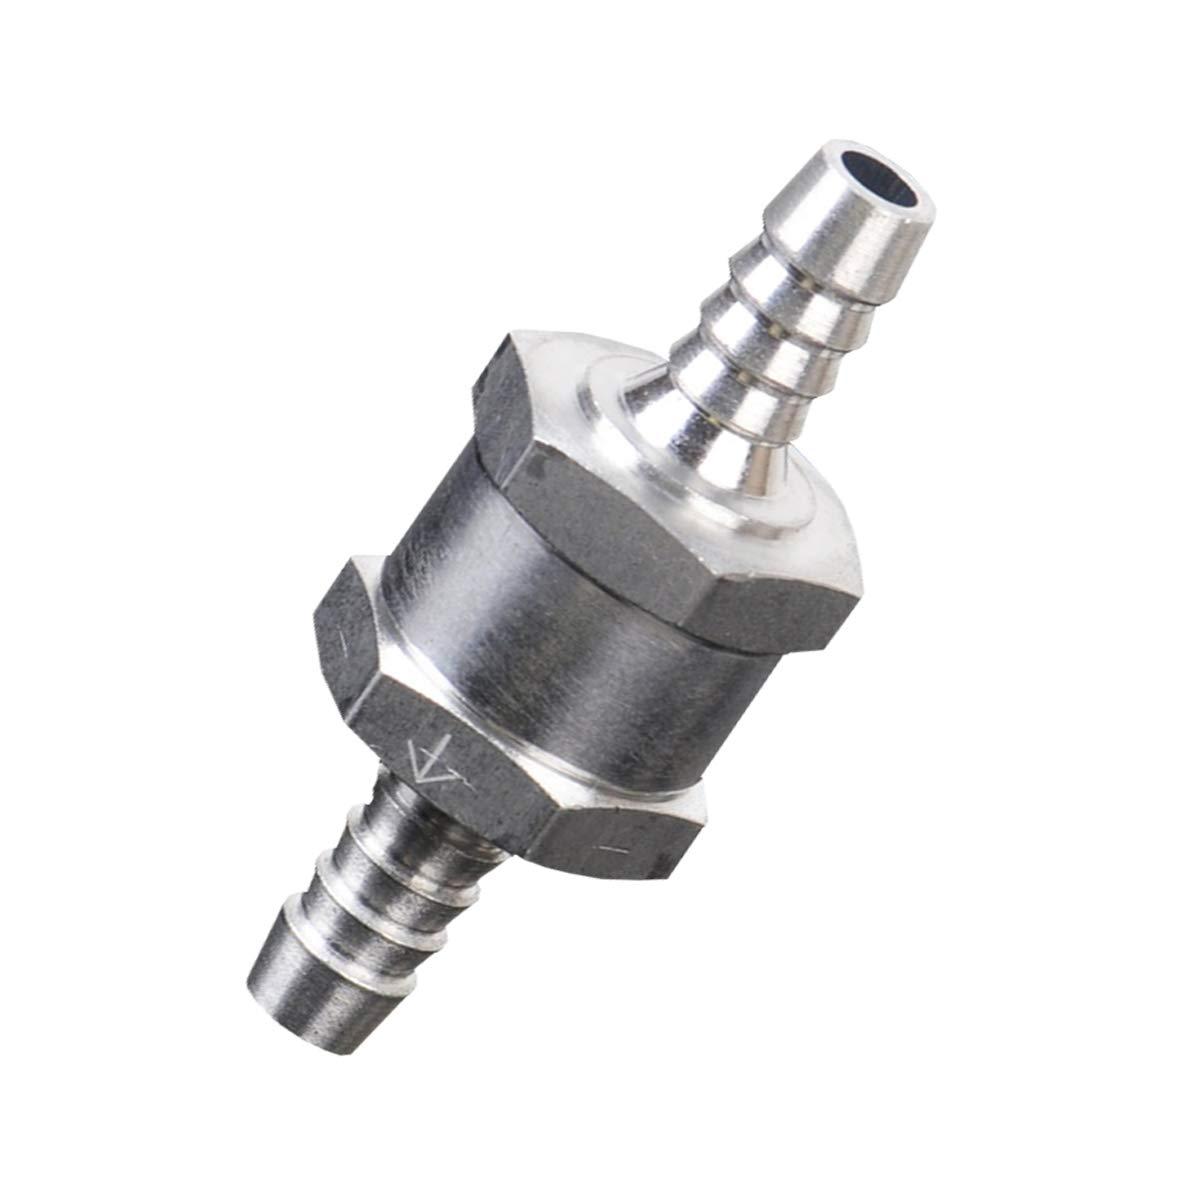 GOFORJUMP Aluminiumlegierung 60mm-L/änge 8mm 5//16Kraftstoff-R/ückschlag-R/ückschlagventil f/ür Benzin-Diesel-Marinepfeil auf Ventil markiert